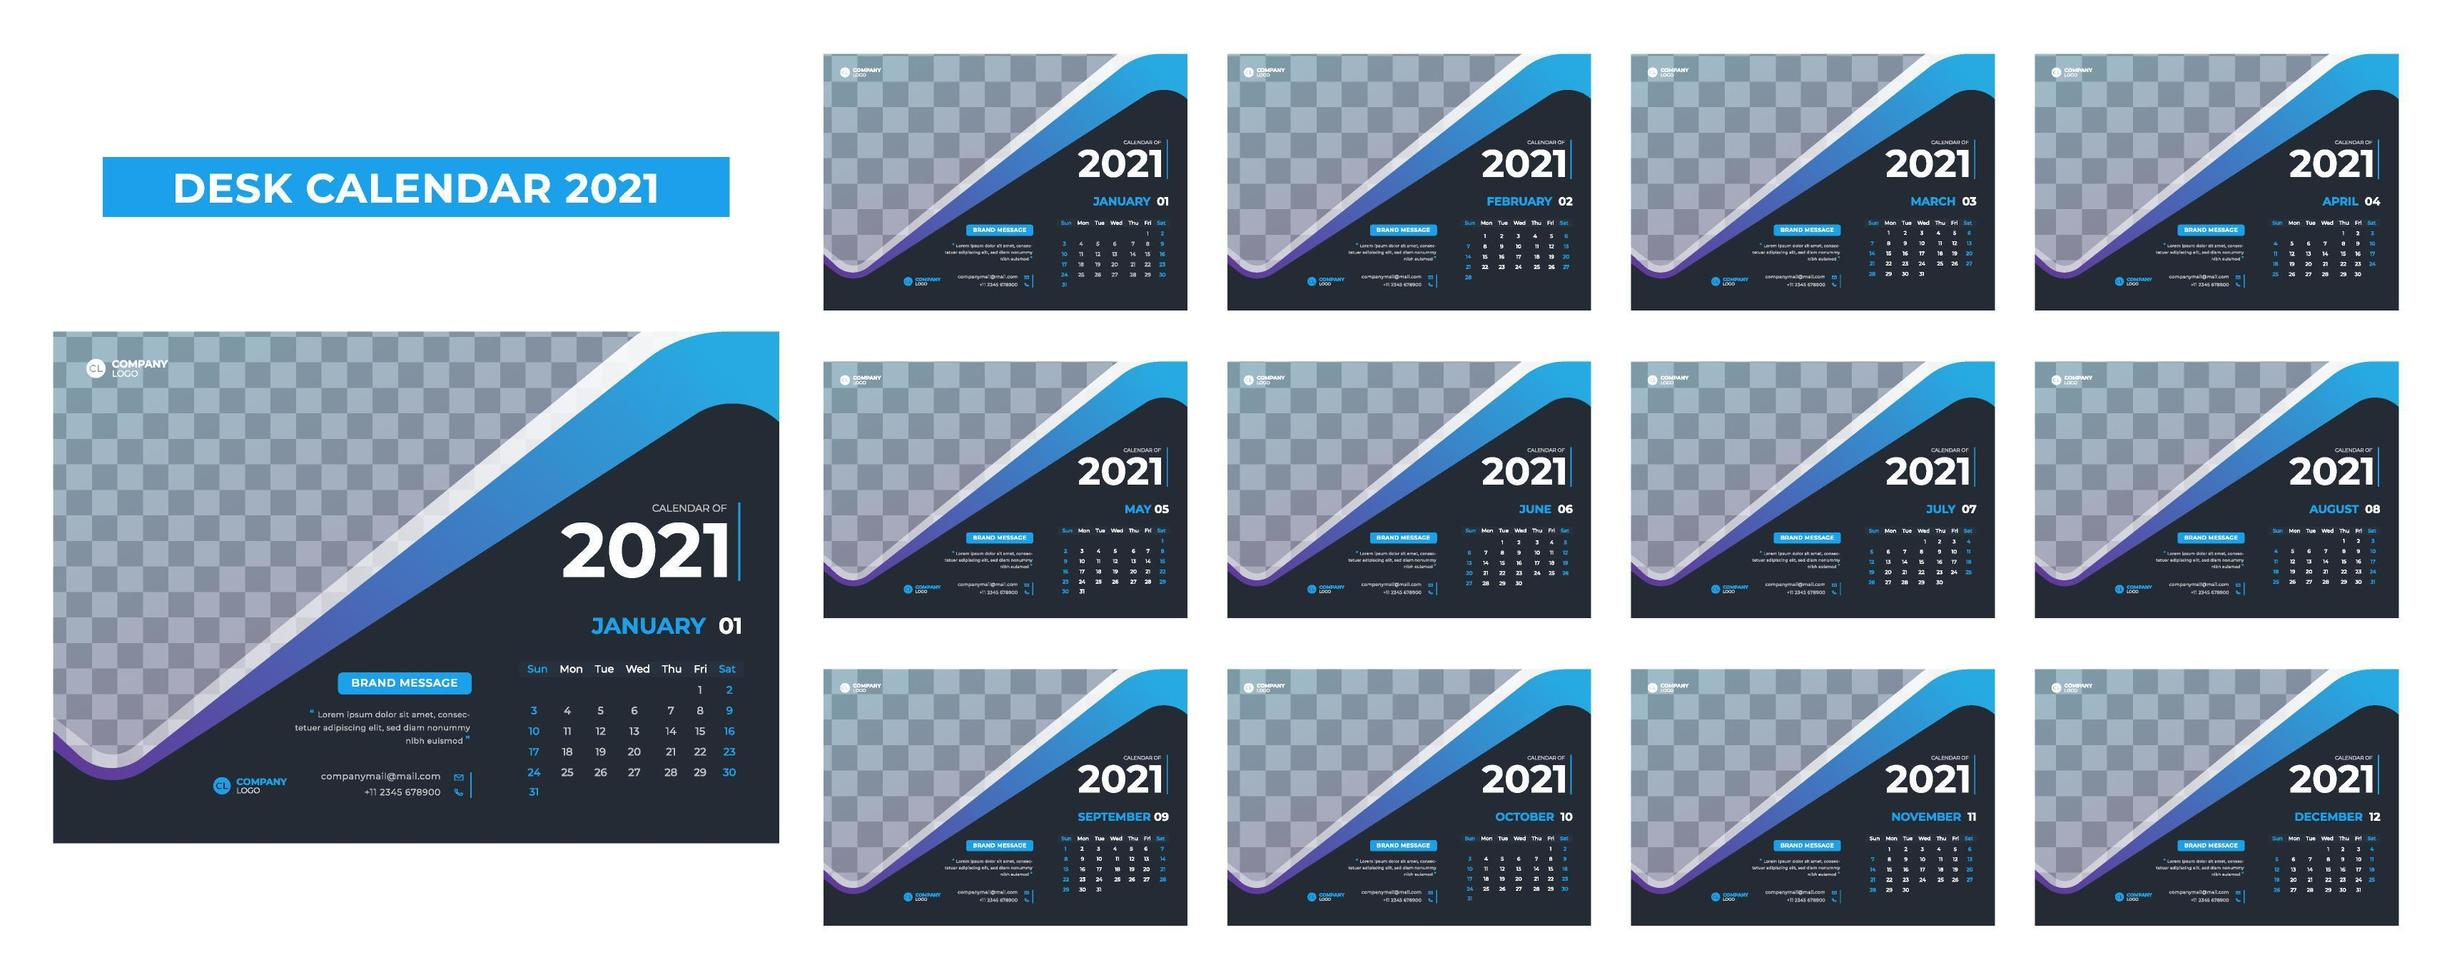 calendrier de bureau bleu et gris pour 2021 vecteur